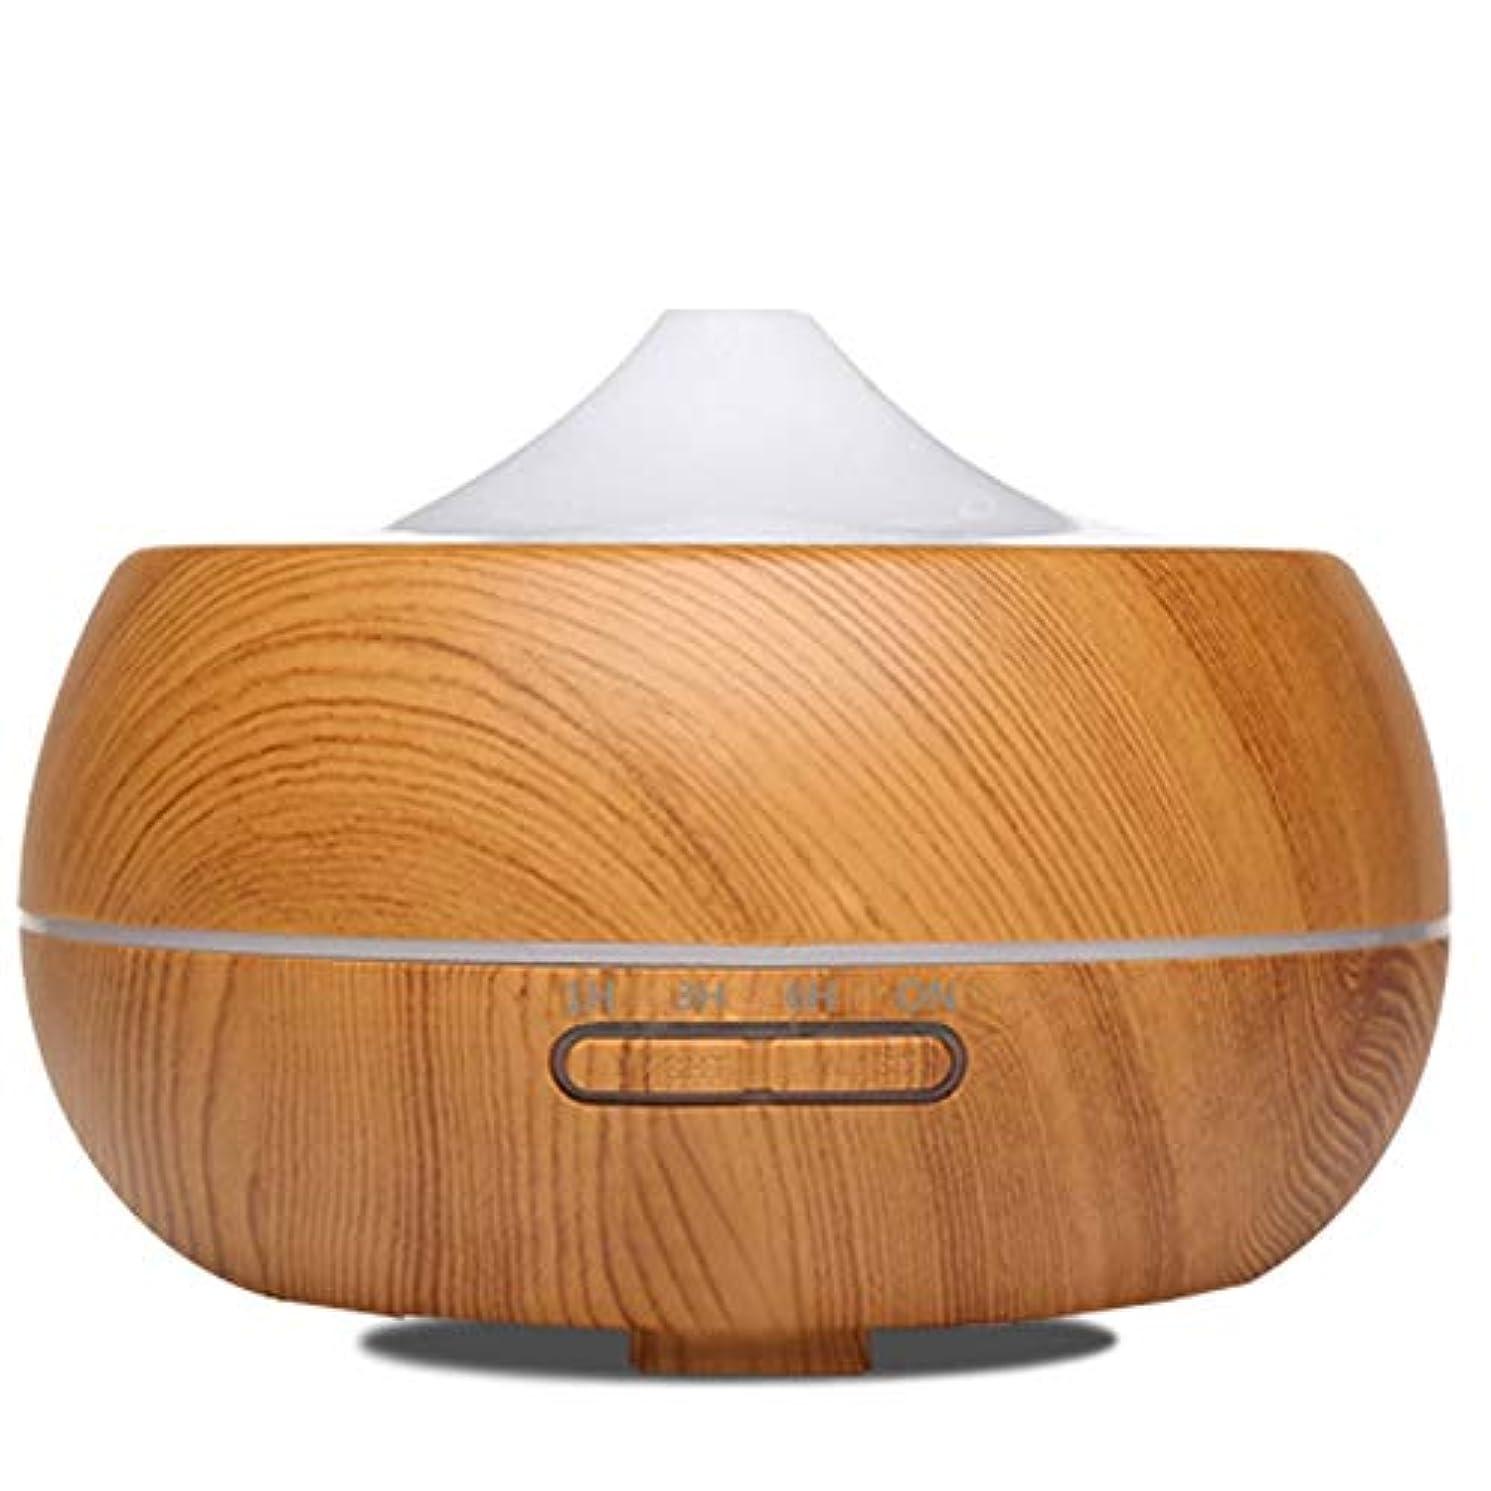 違反姓支援する300 ml アロマテラピー エッセンシャル オイル ディフューザー, 超音波 涼しい霧 humidmifier アロマディフューザー タイマー付き 7色変換 夜のライト 空焚き防止機能搭載- 17x12cm